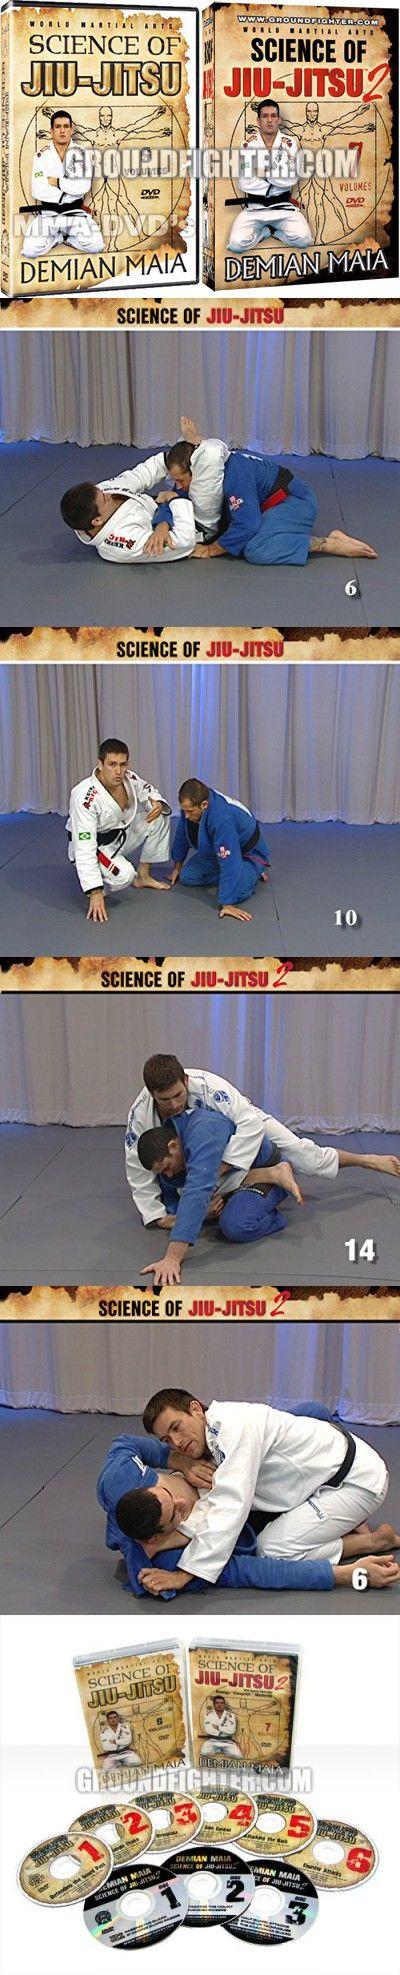 Demian Maia - Science of Jiu-Jitsu 1 & 2 Combo